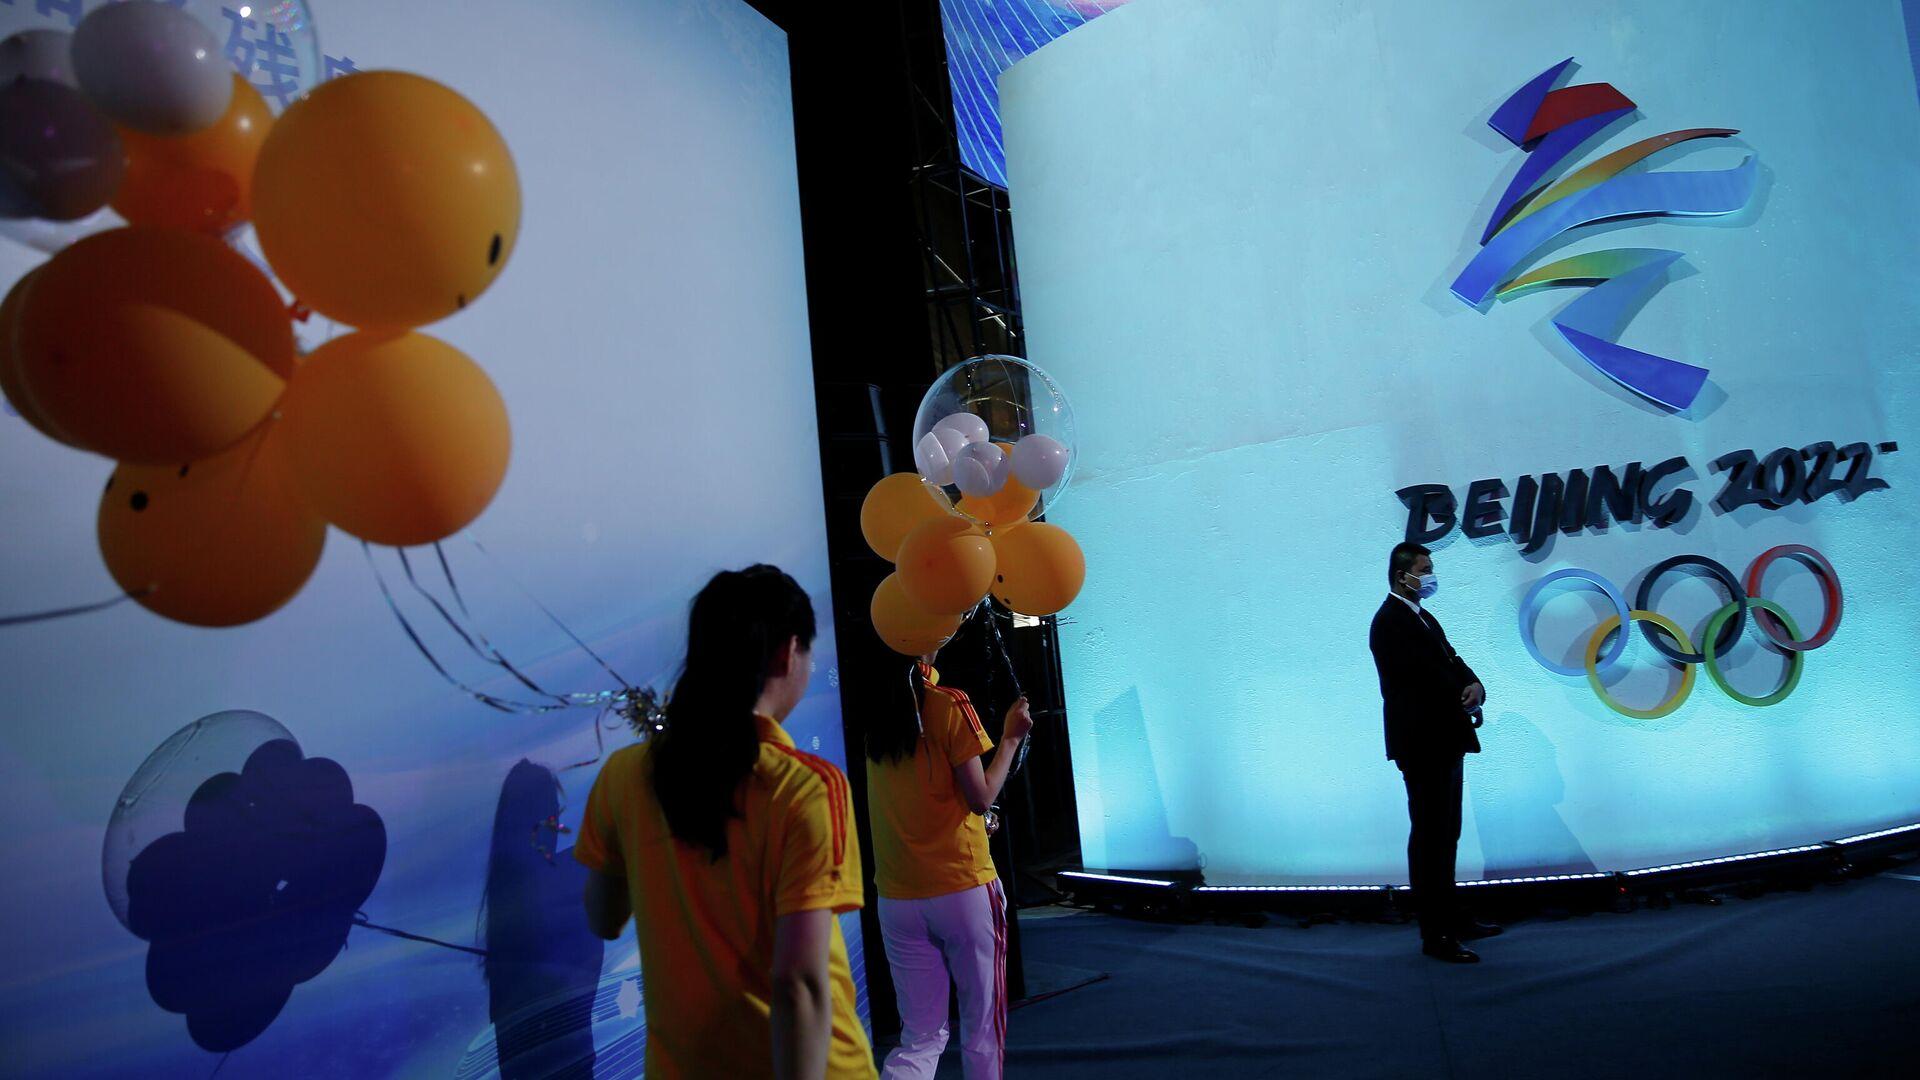 Die Zeremonie zur Enthüllung des Slogans der Olympischen Winterspiele in Peking am 17. September 2021 - SNA, 1920, 11.10.2021